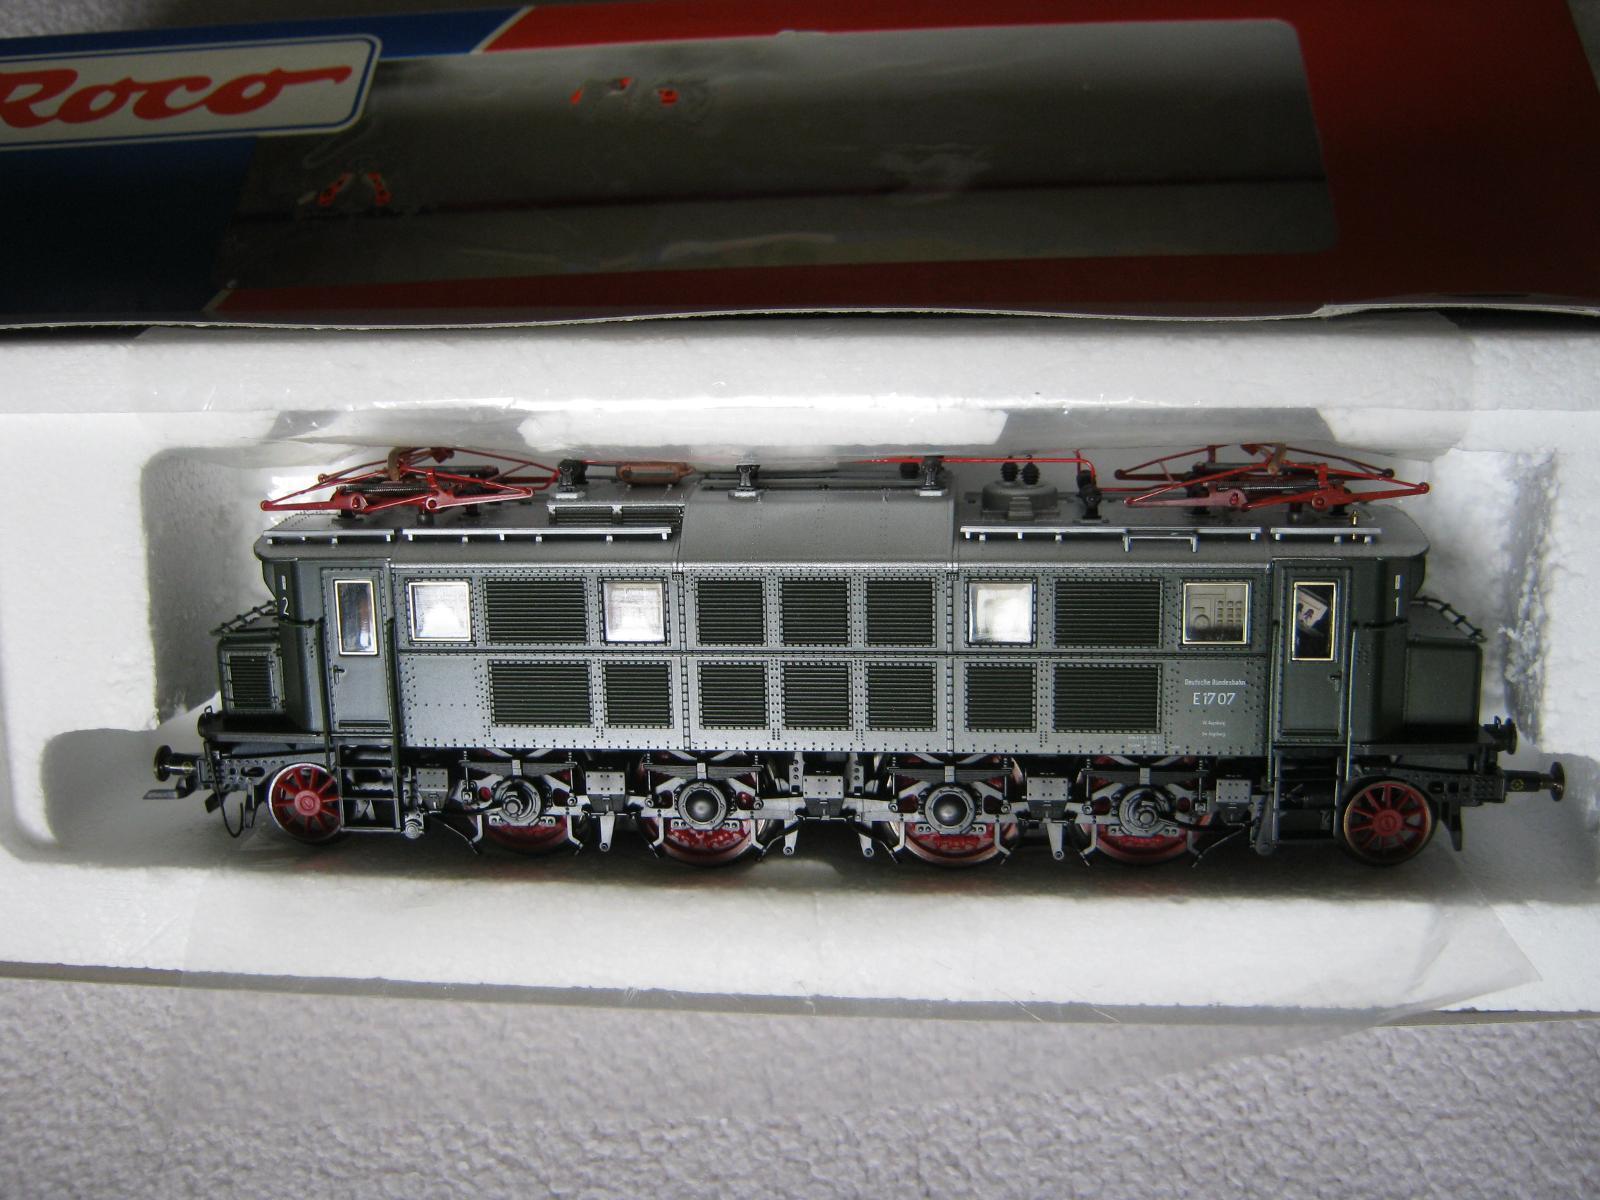 Digital ROCO HO 43876 Elektro Lok BR e17 07 DB verde (rg bo 98s9 4)